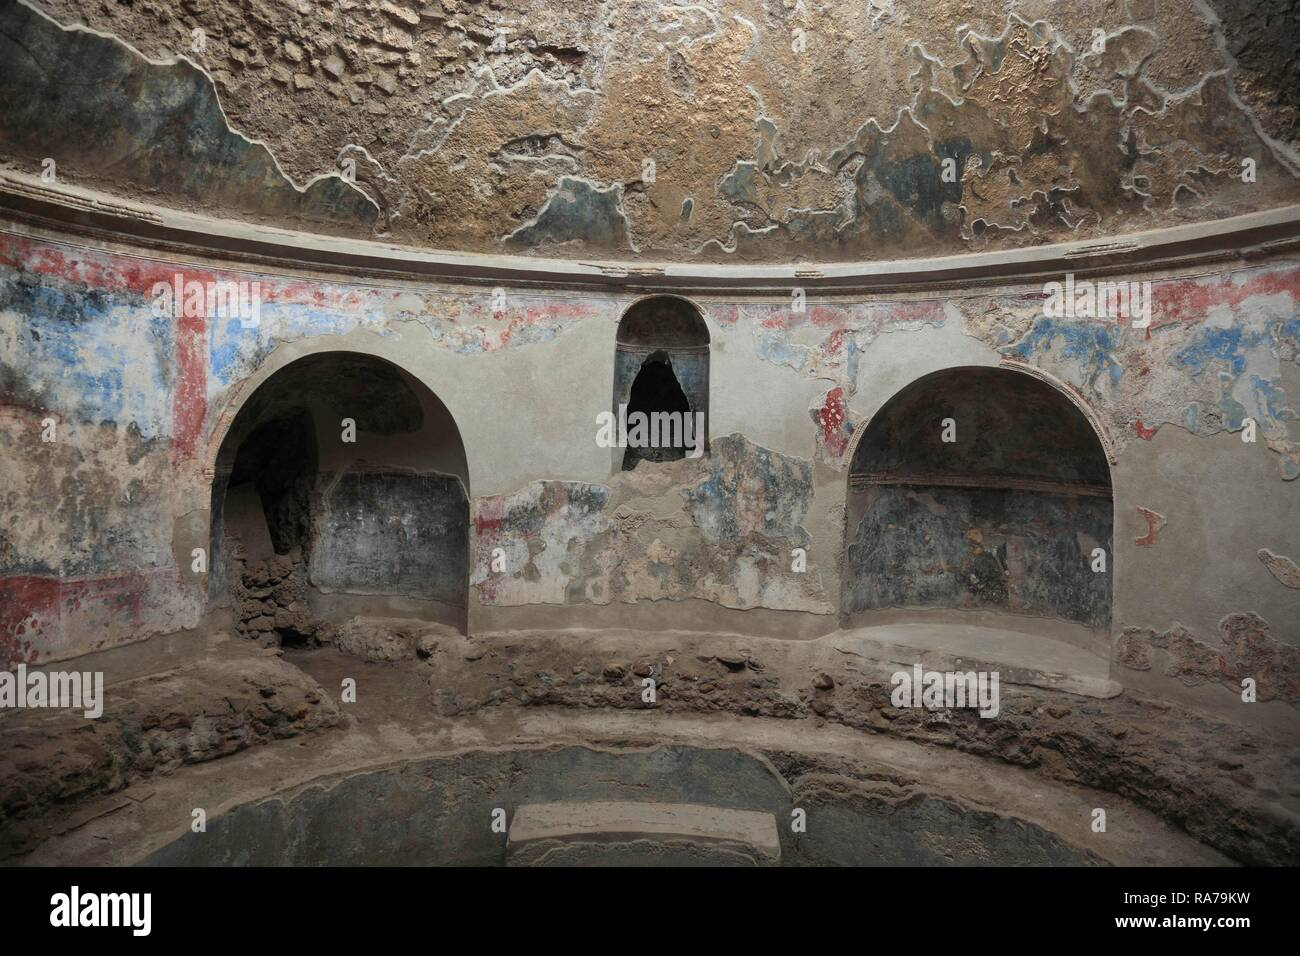 Stabiane spas, detail, Pompeii, Campania, Italy, Europe - Stock Image